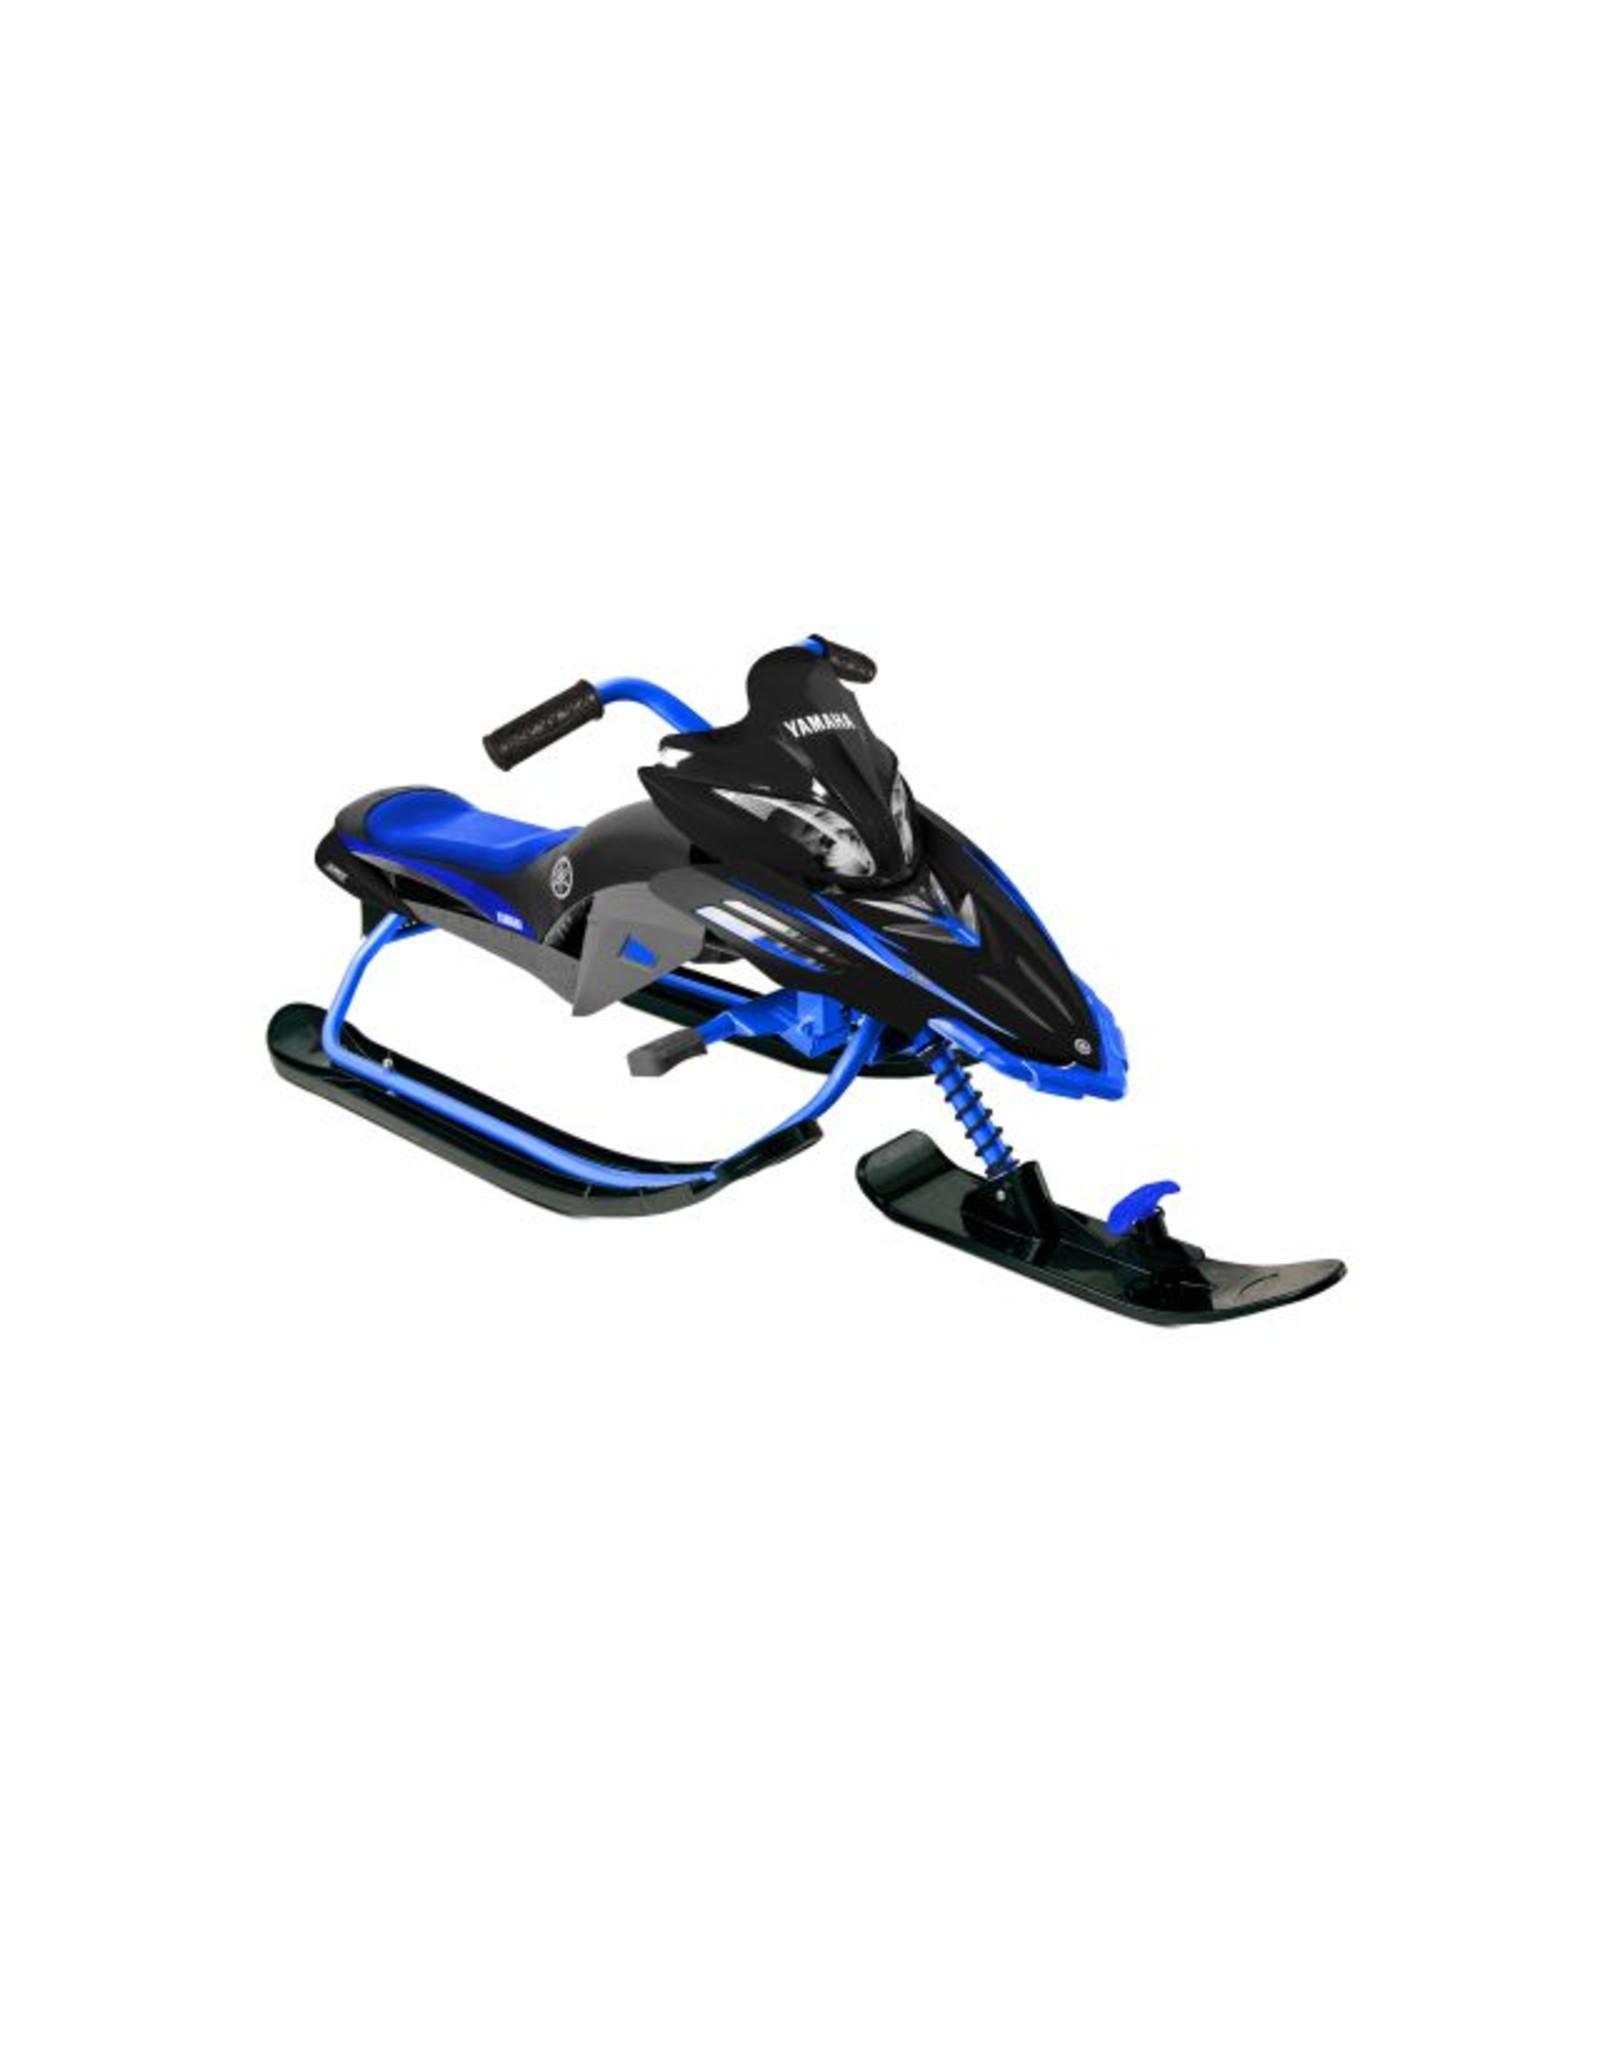 Hebor Watersport Yamaha | Kids Sneeuwscooter/slee Apex replica Blauw